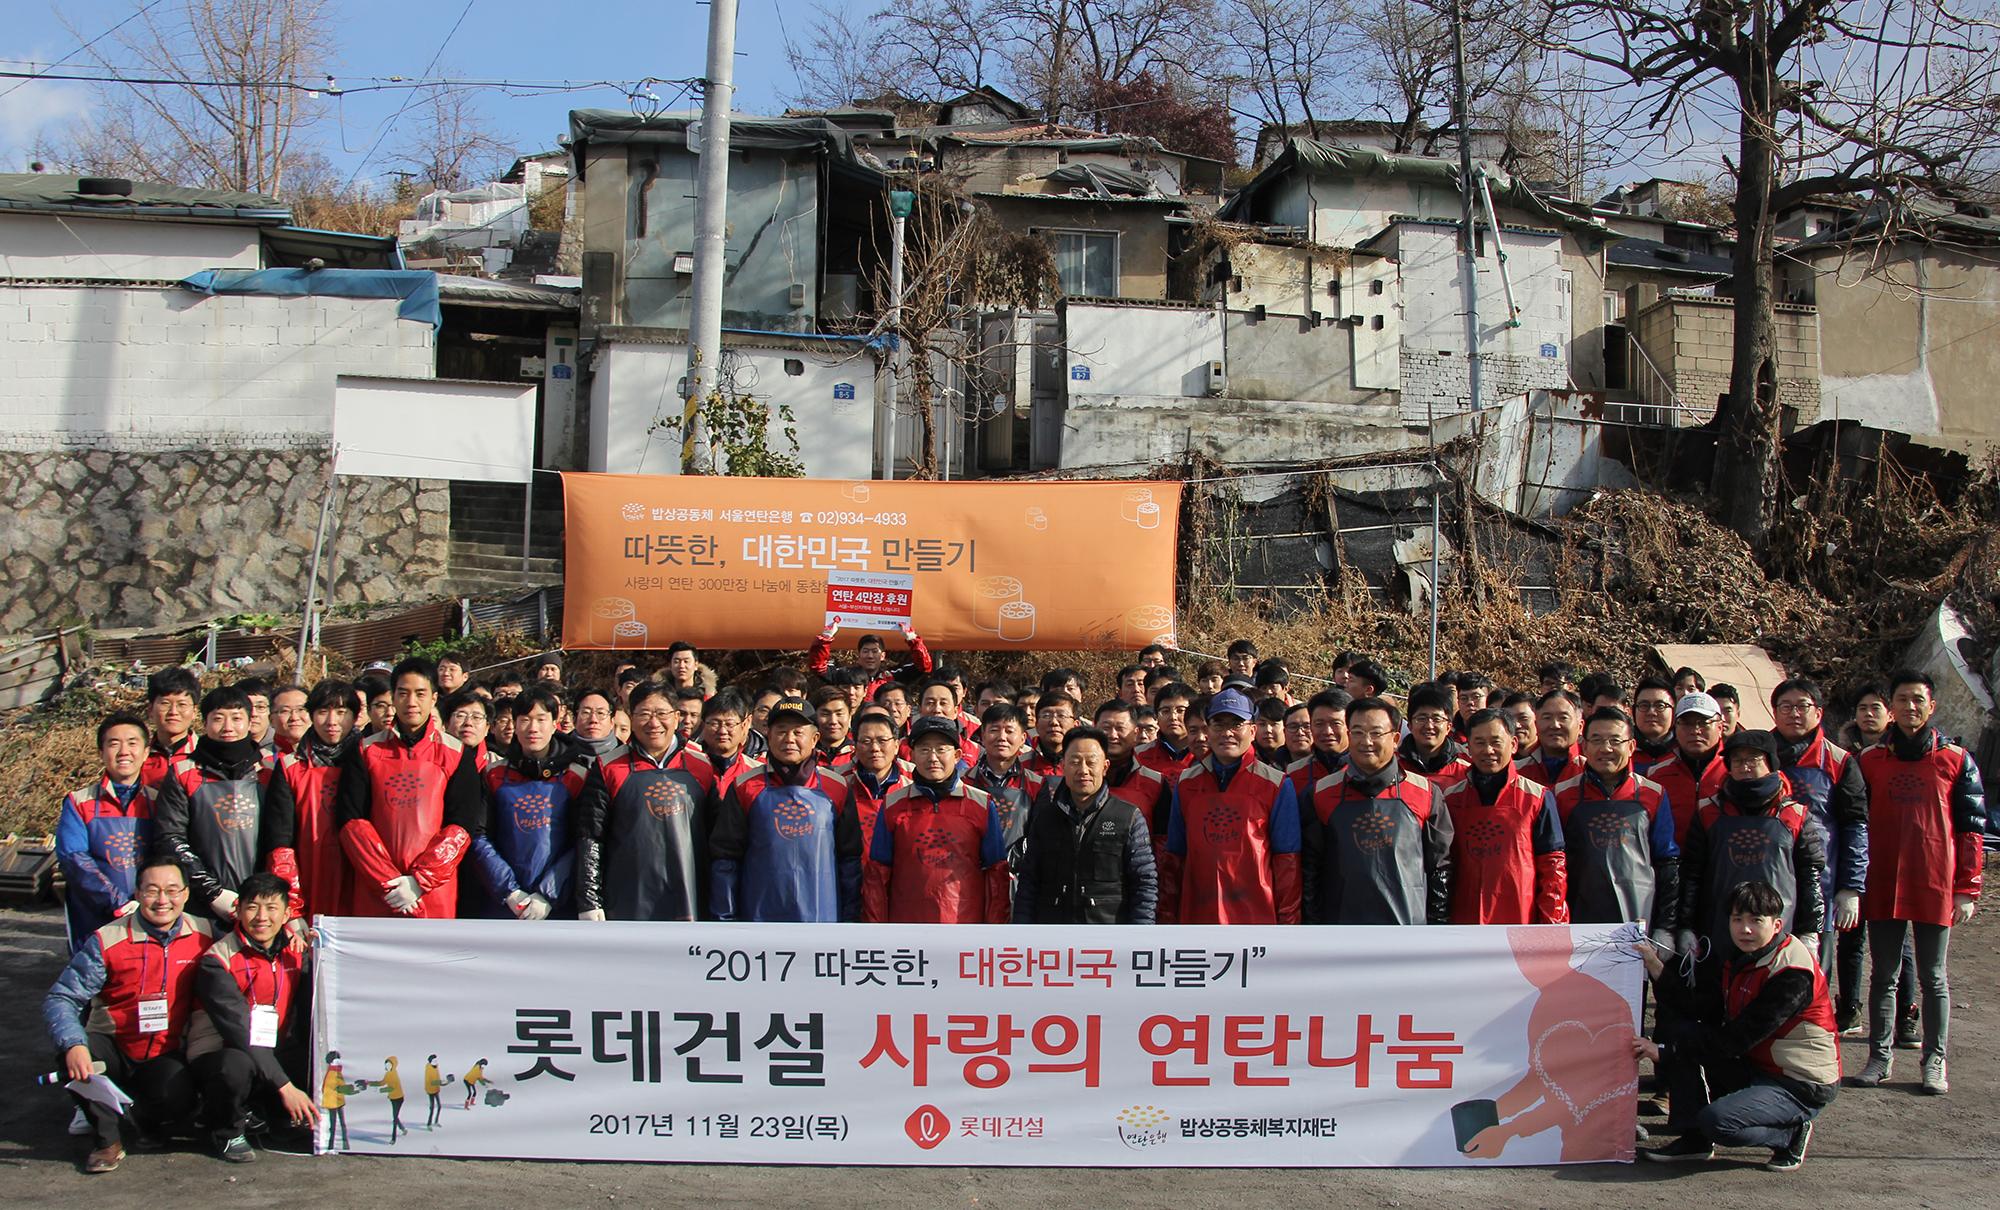 롯데건설 임직원들이 연탄나눔 봉사활동 단체촬영을 하고 있다.JPG